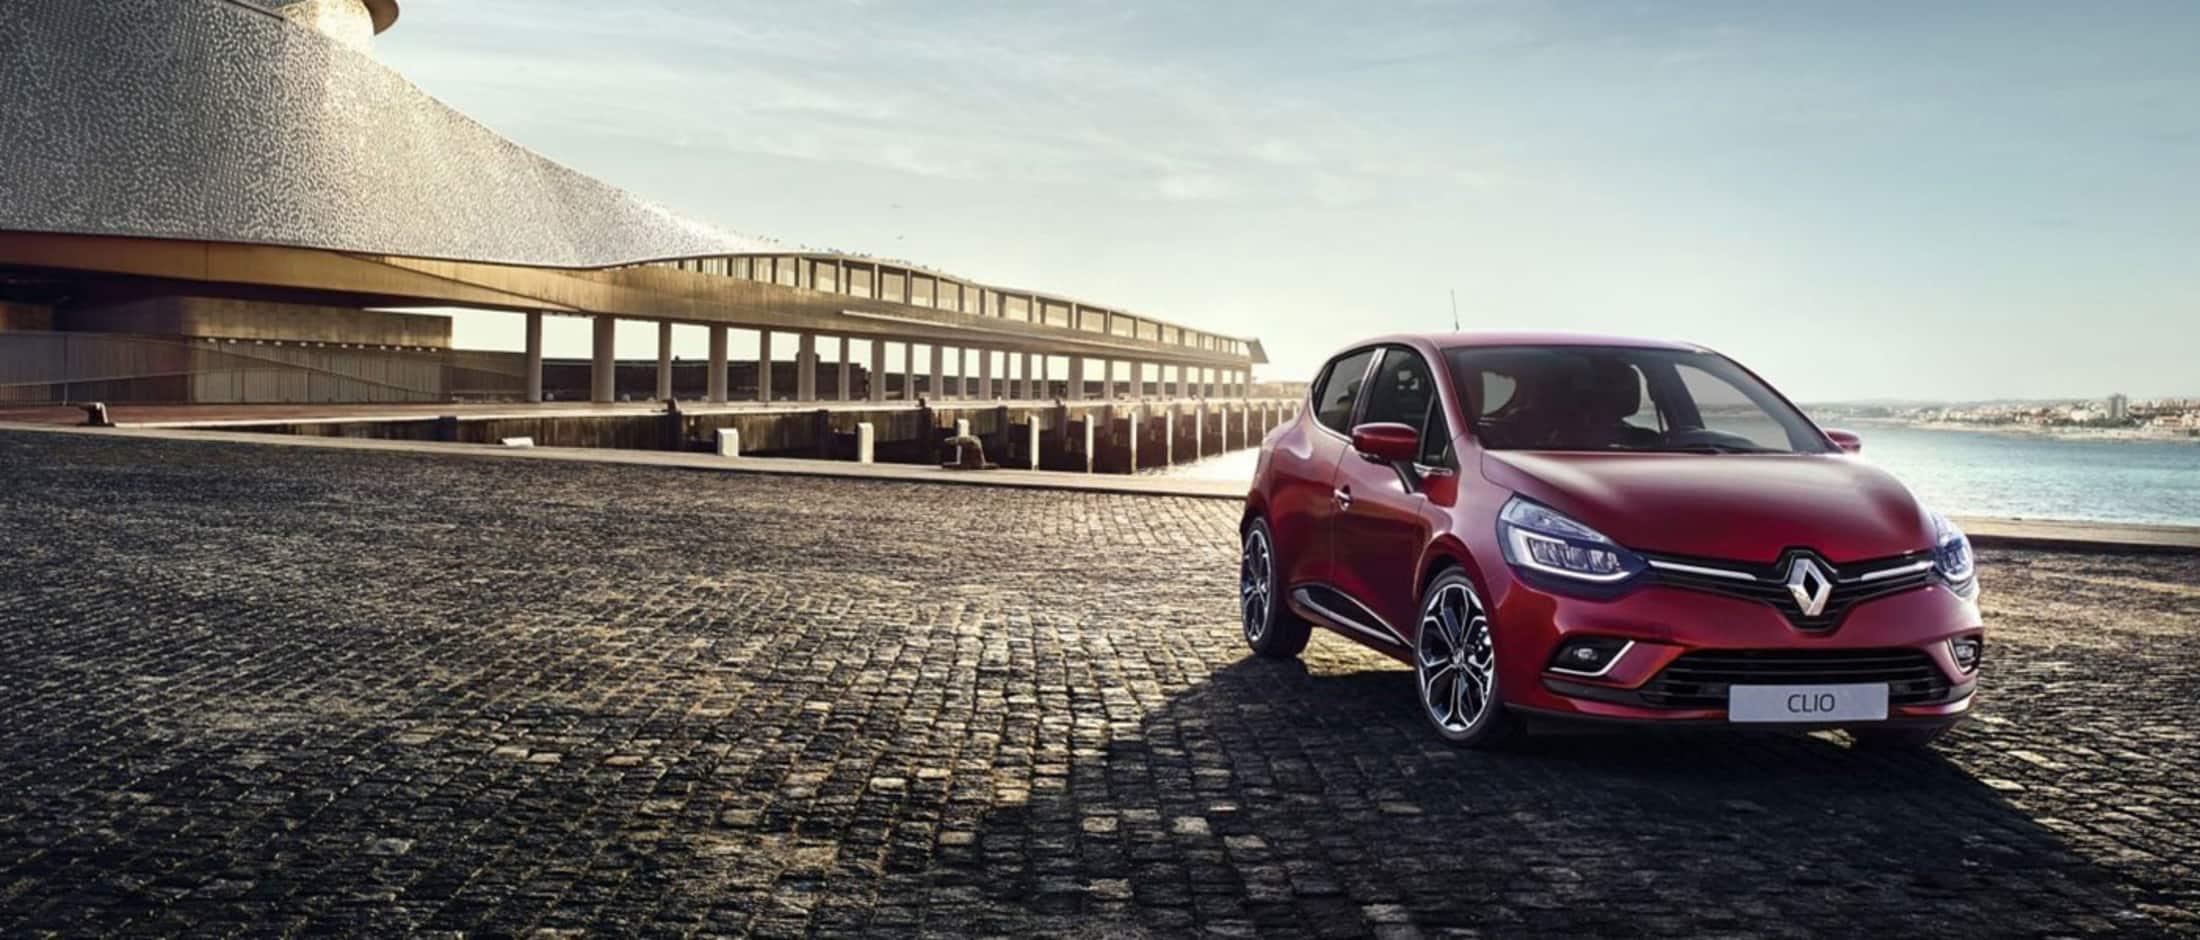 Rød Renault Clio parkert på en brygge foran en pir